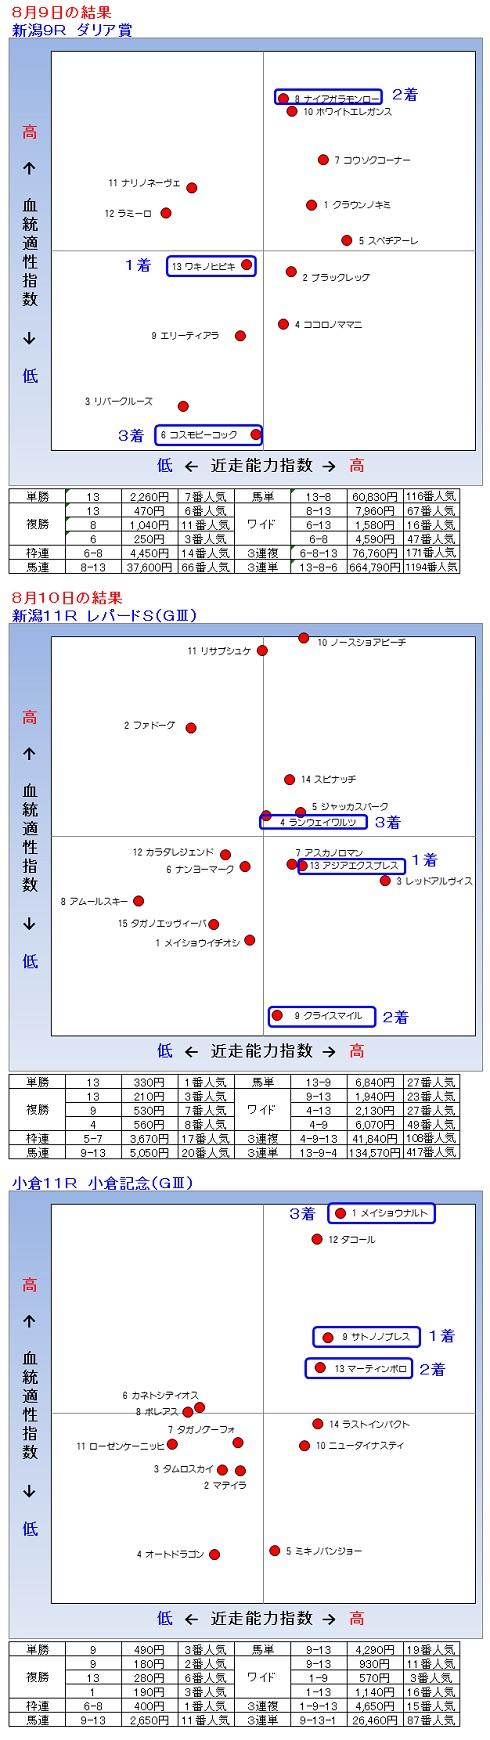 2014-08-0910結果